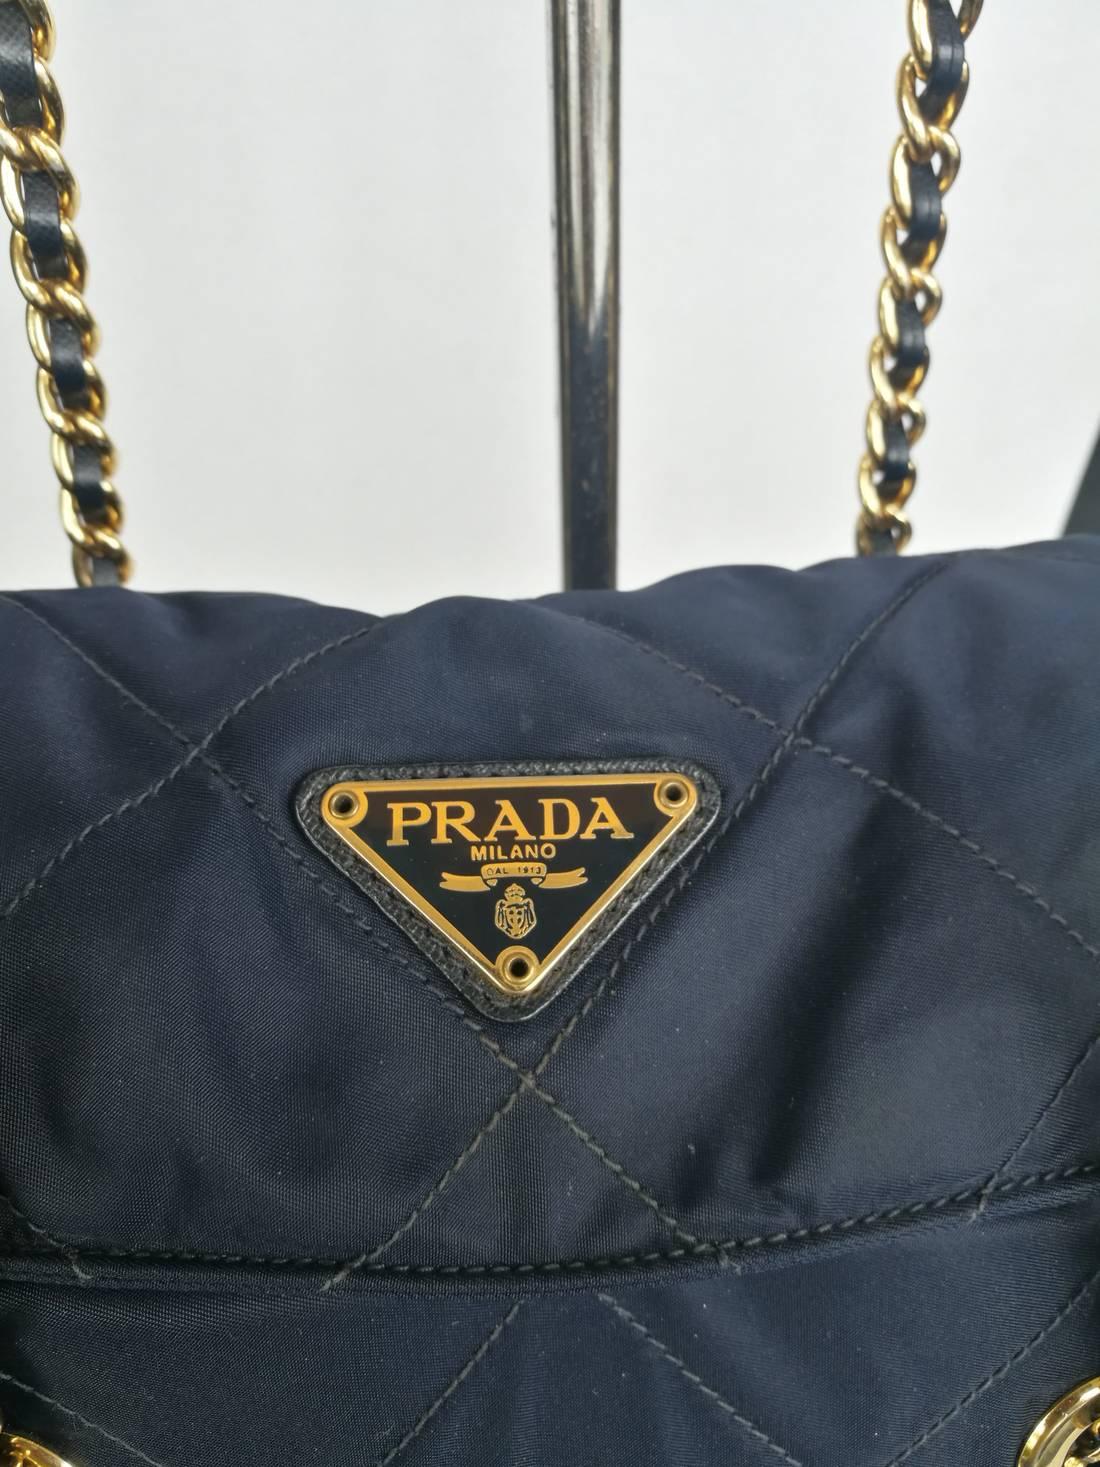 e849cb8788 4ba7f adab5  order prada bags prada quilted nylon handbag w gold chain  4a273 9a459